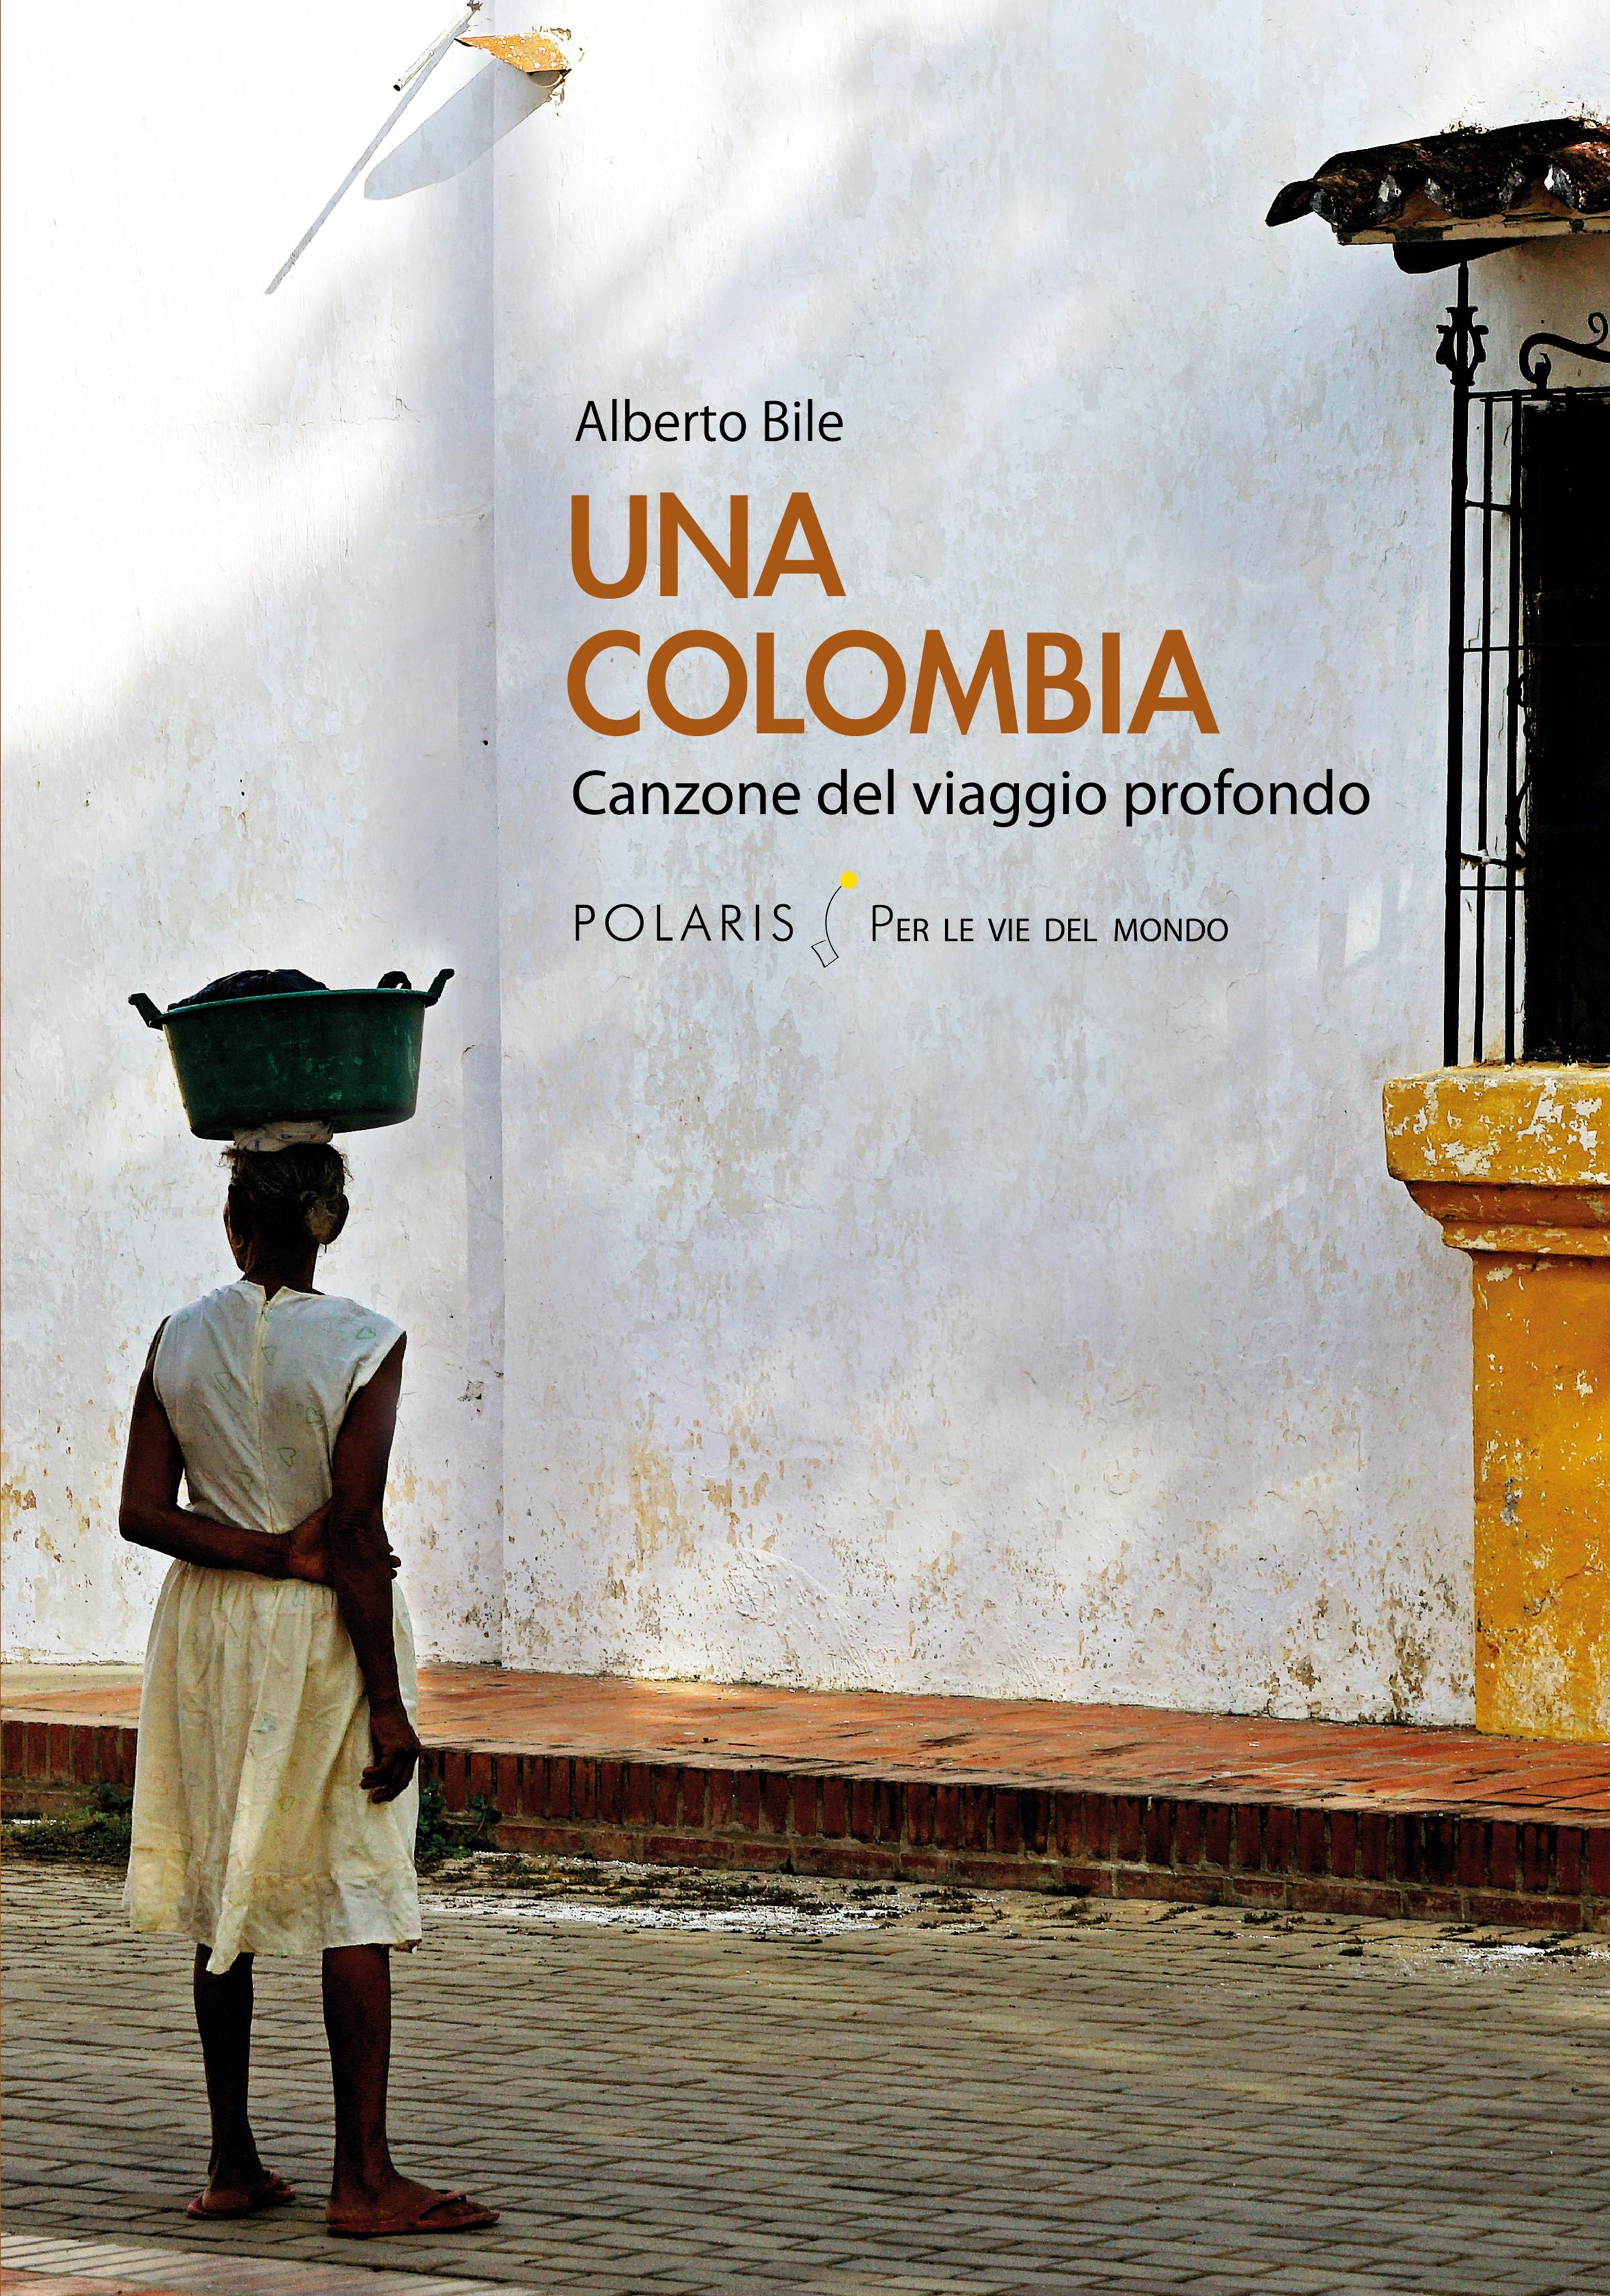 Colombiaflorentino Ariza Aveva La Risposta Pronta Erodoto108